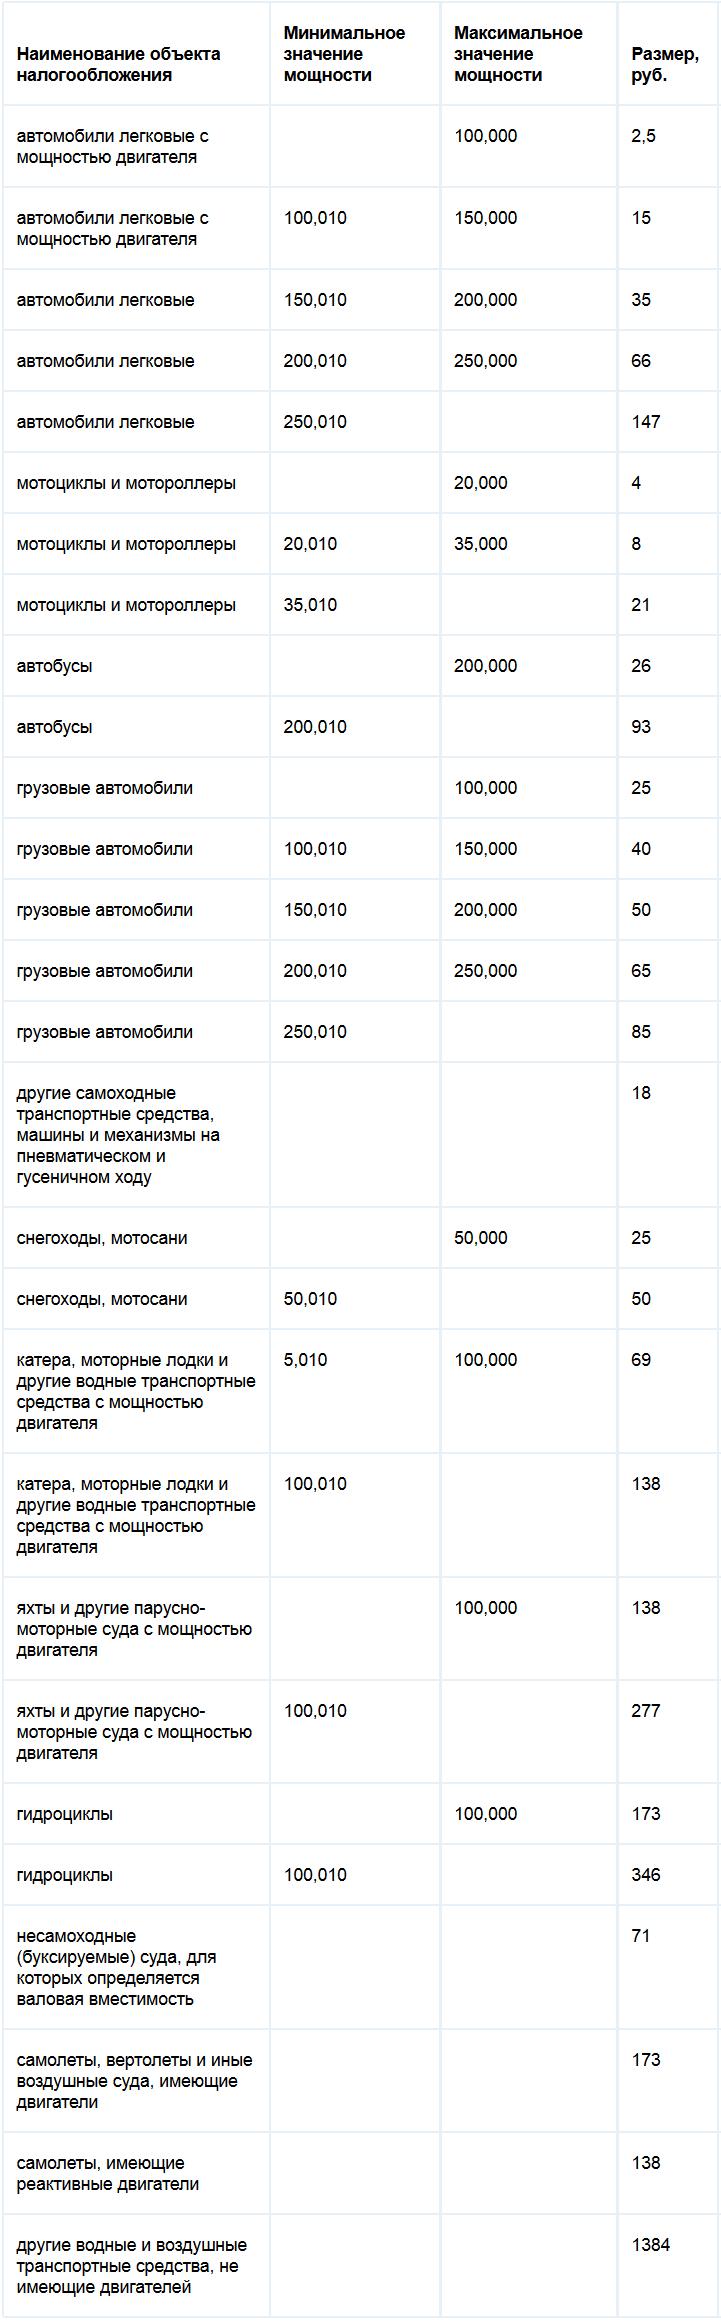 Ставки на 1л.с.по транспортному налогу в 2012г по брянской обл прогнозы на спортивные мероприятия